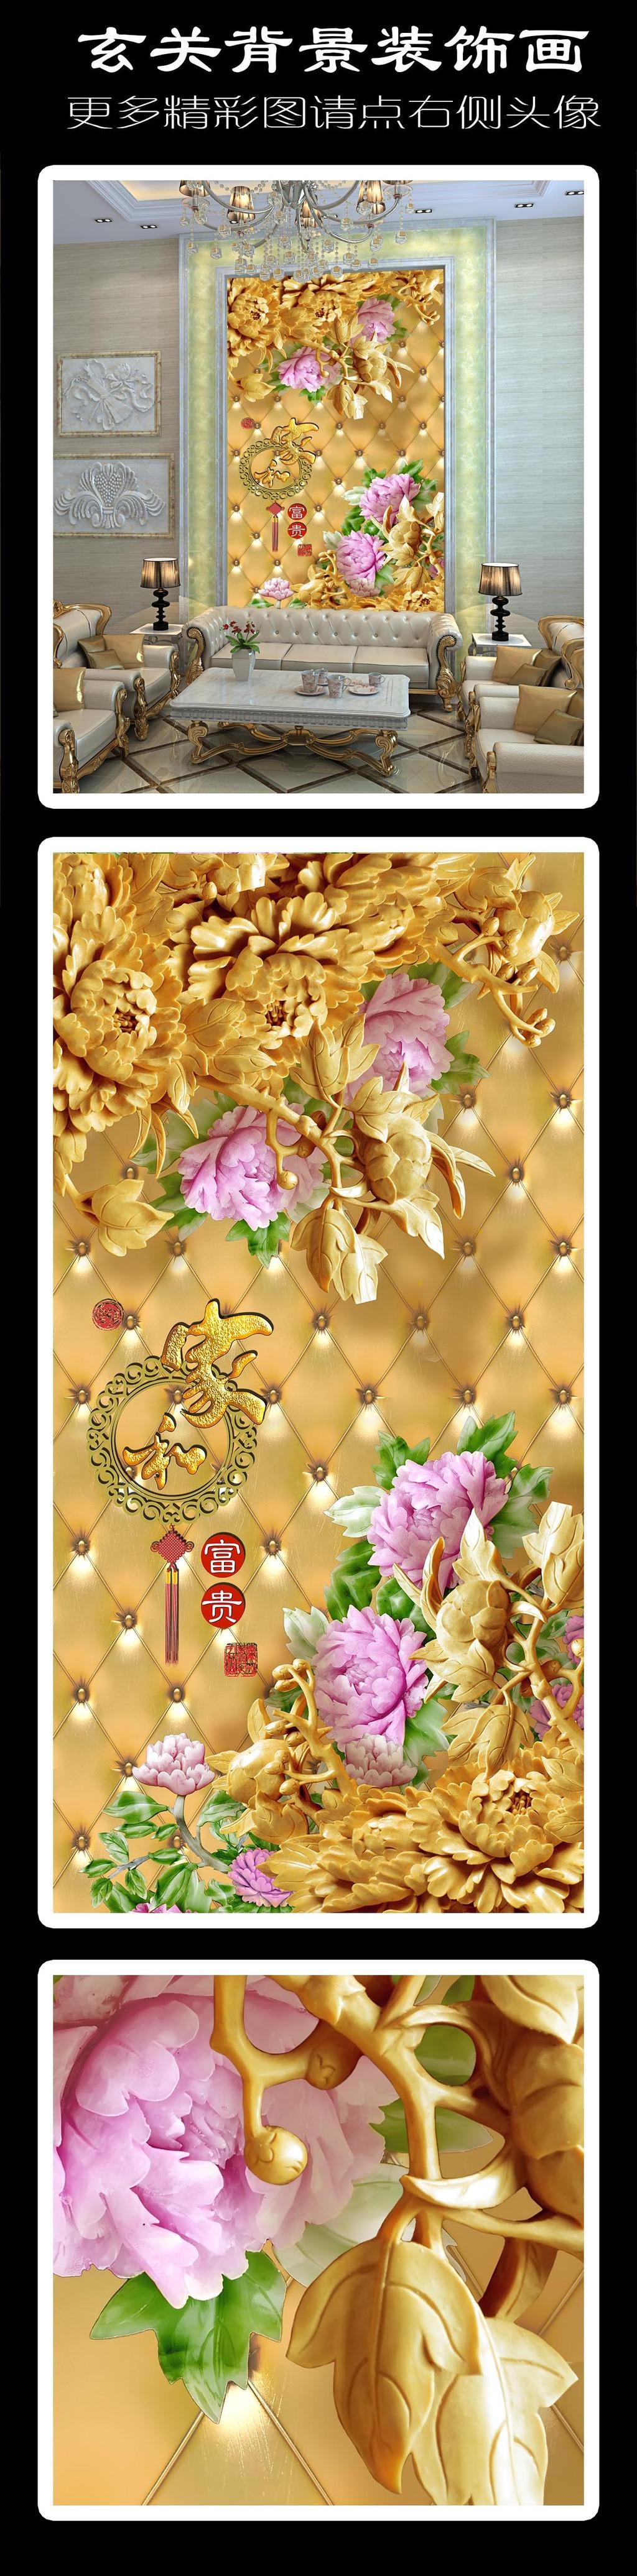 高清木雕玉雕牡丹花家和富贵玄关背景装饰画